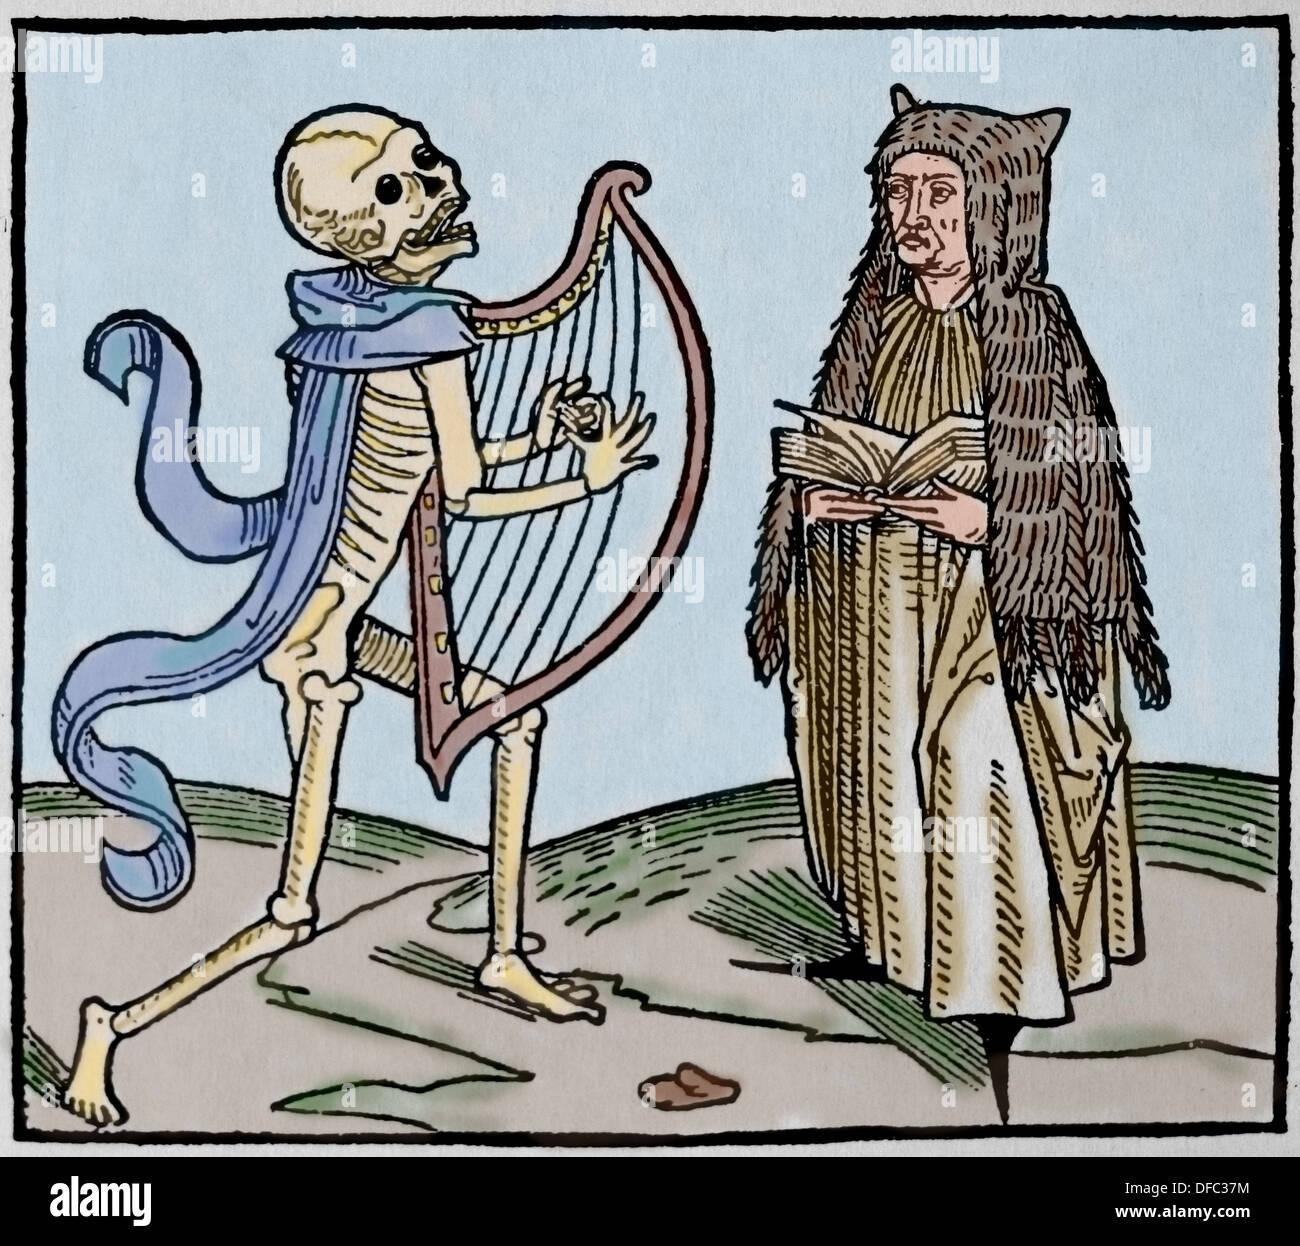 Période médiévale. Europe.14ème siècle. La danse de mort. Allégorie de l'universalité de la mort. Gravure en couleur. Photo Stock